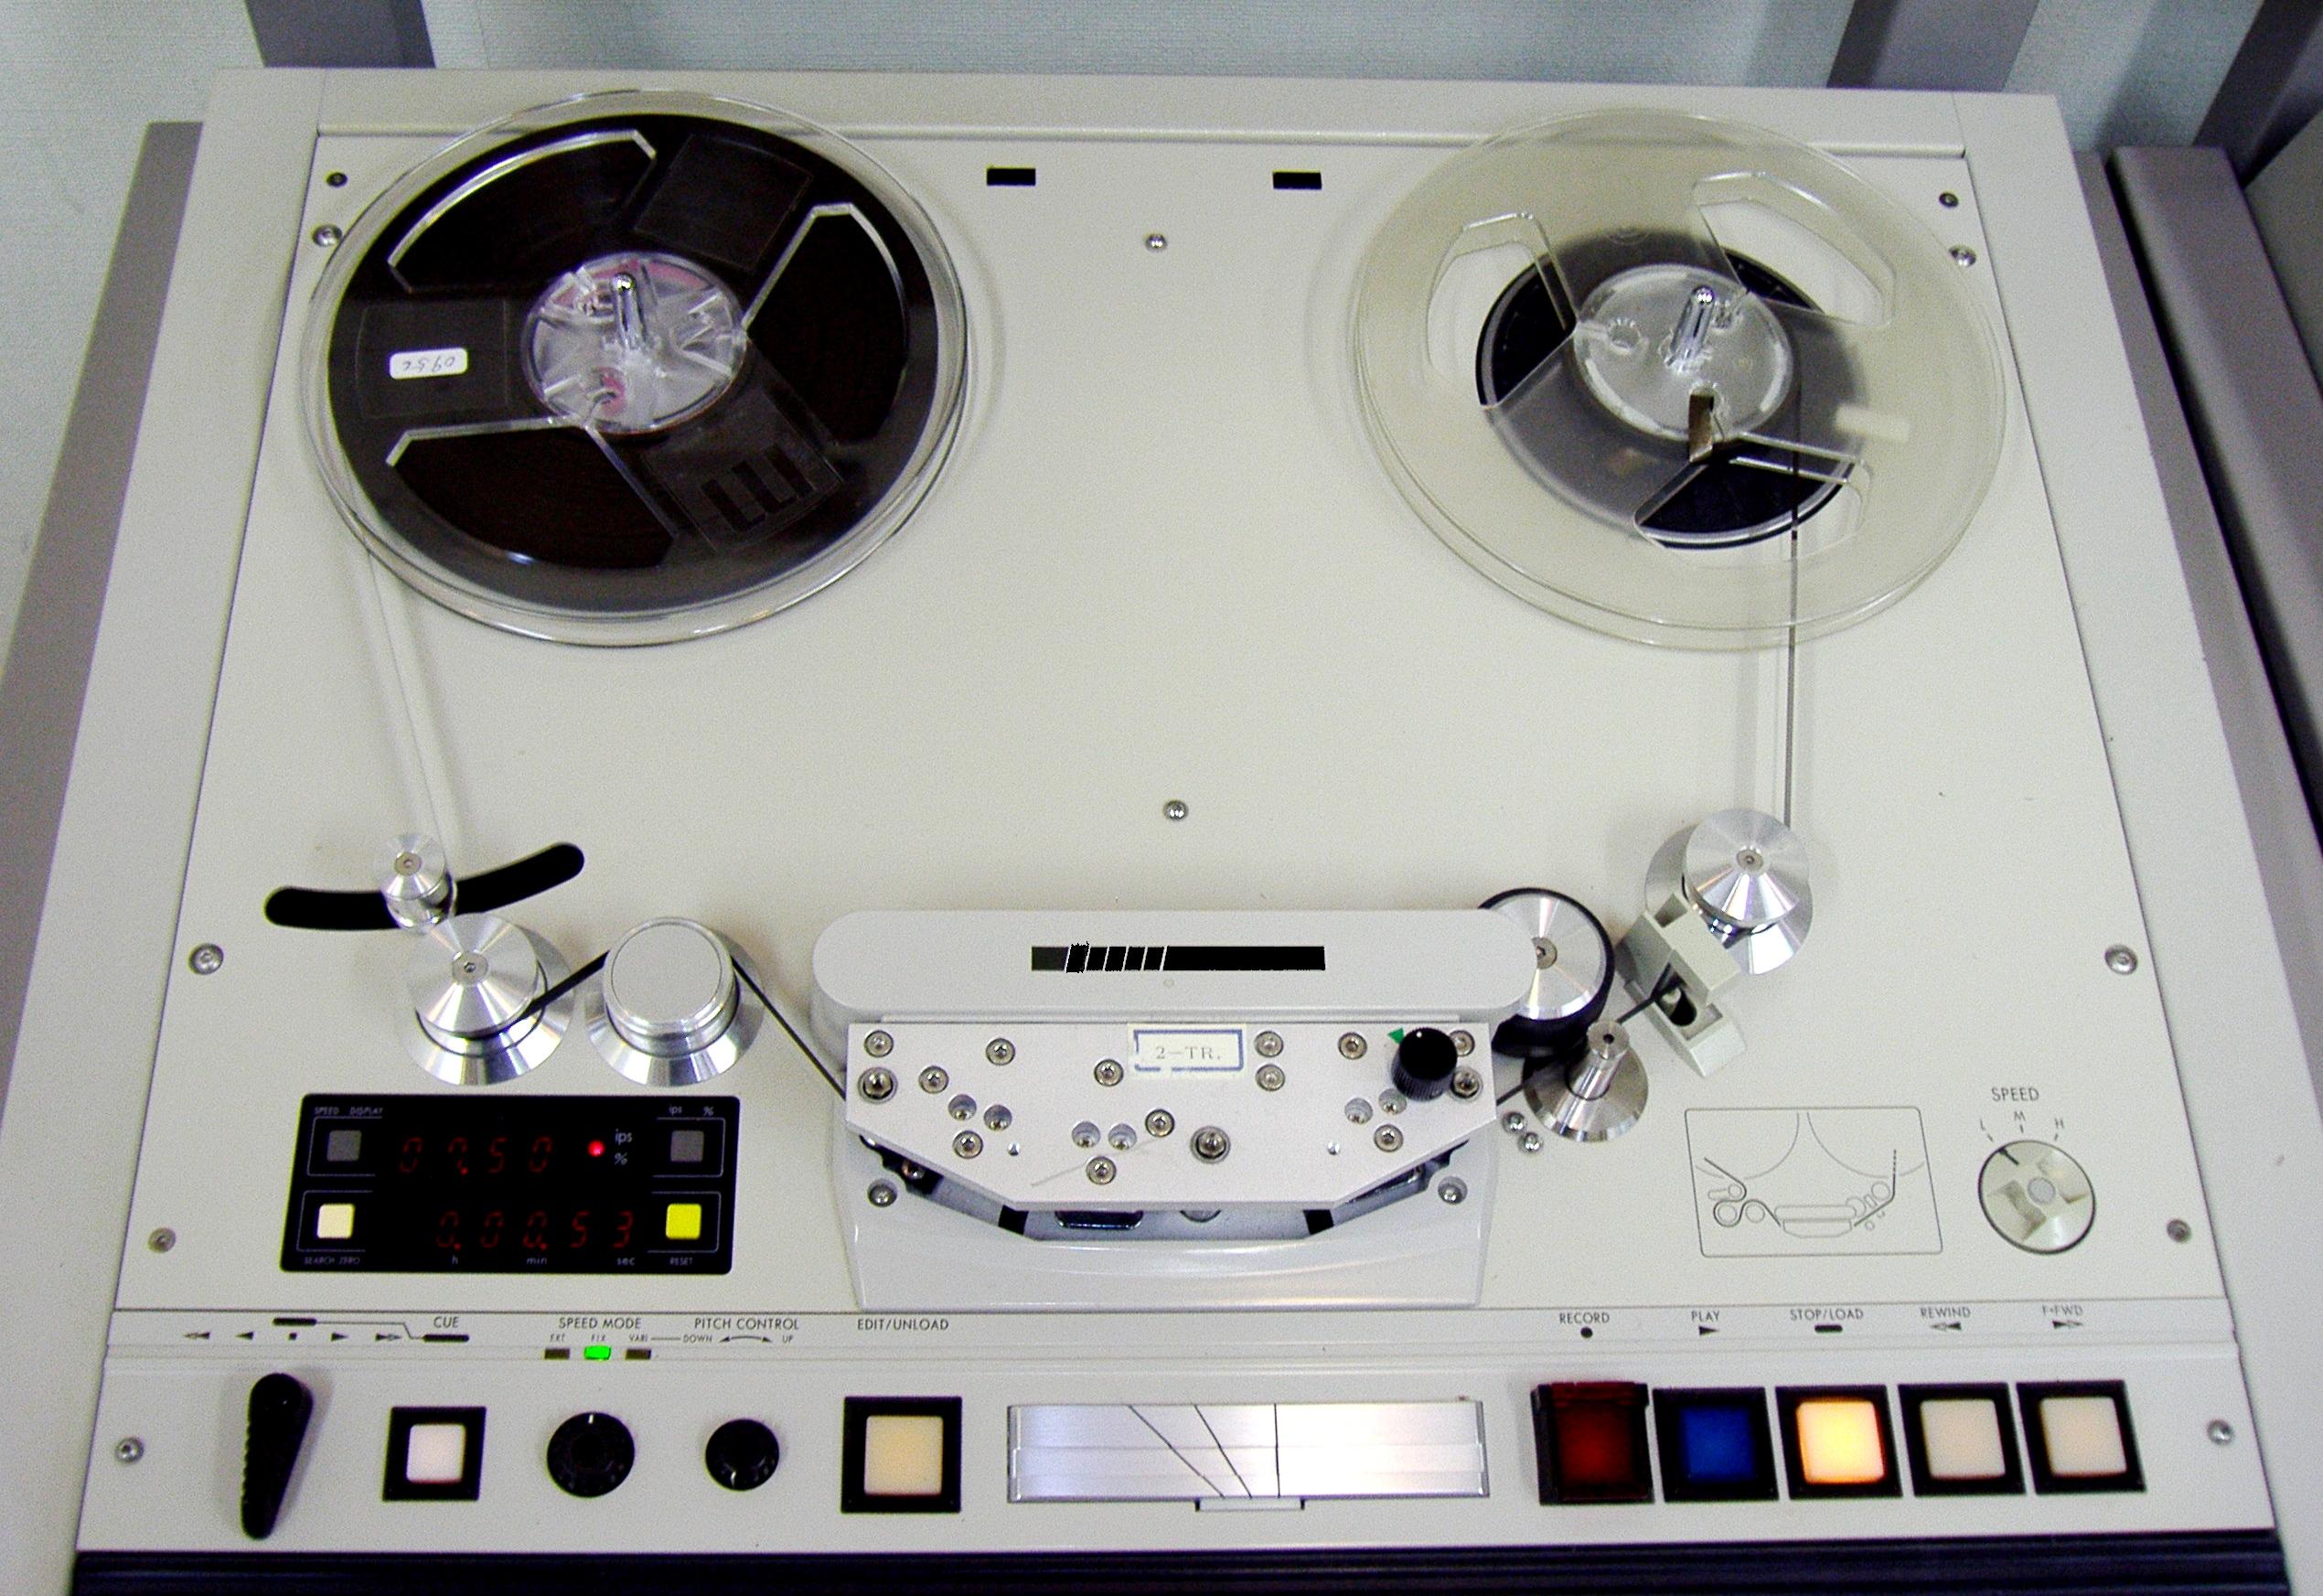 Легендарный портативный катушечный магнитофон nagra snst фирмы kudelski (switzerland). Создавался специально для спецслужб. Версия для. Form: vertical tone: middle surface: mat interface: hi-fi telefunken model 77 magnetophon tape recorder (1959-1963) is a four-tube, four-track, stereo recorder.